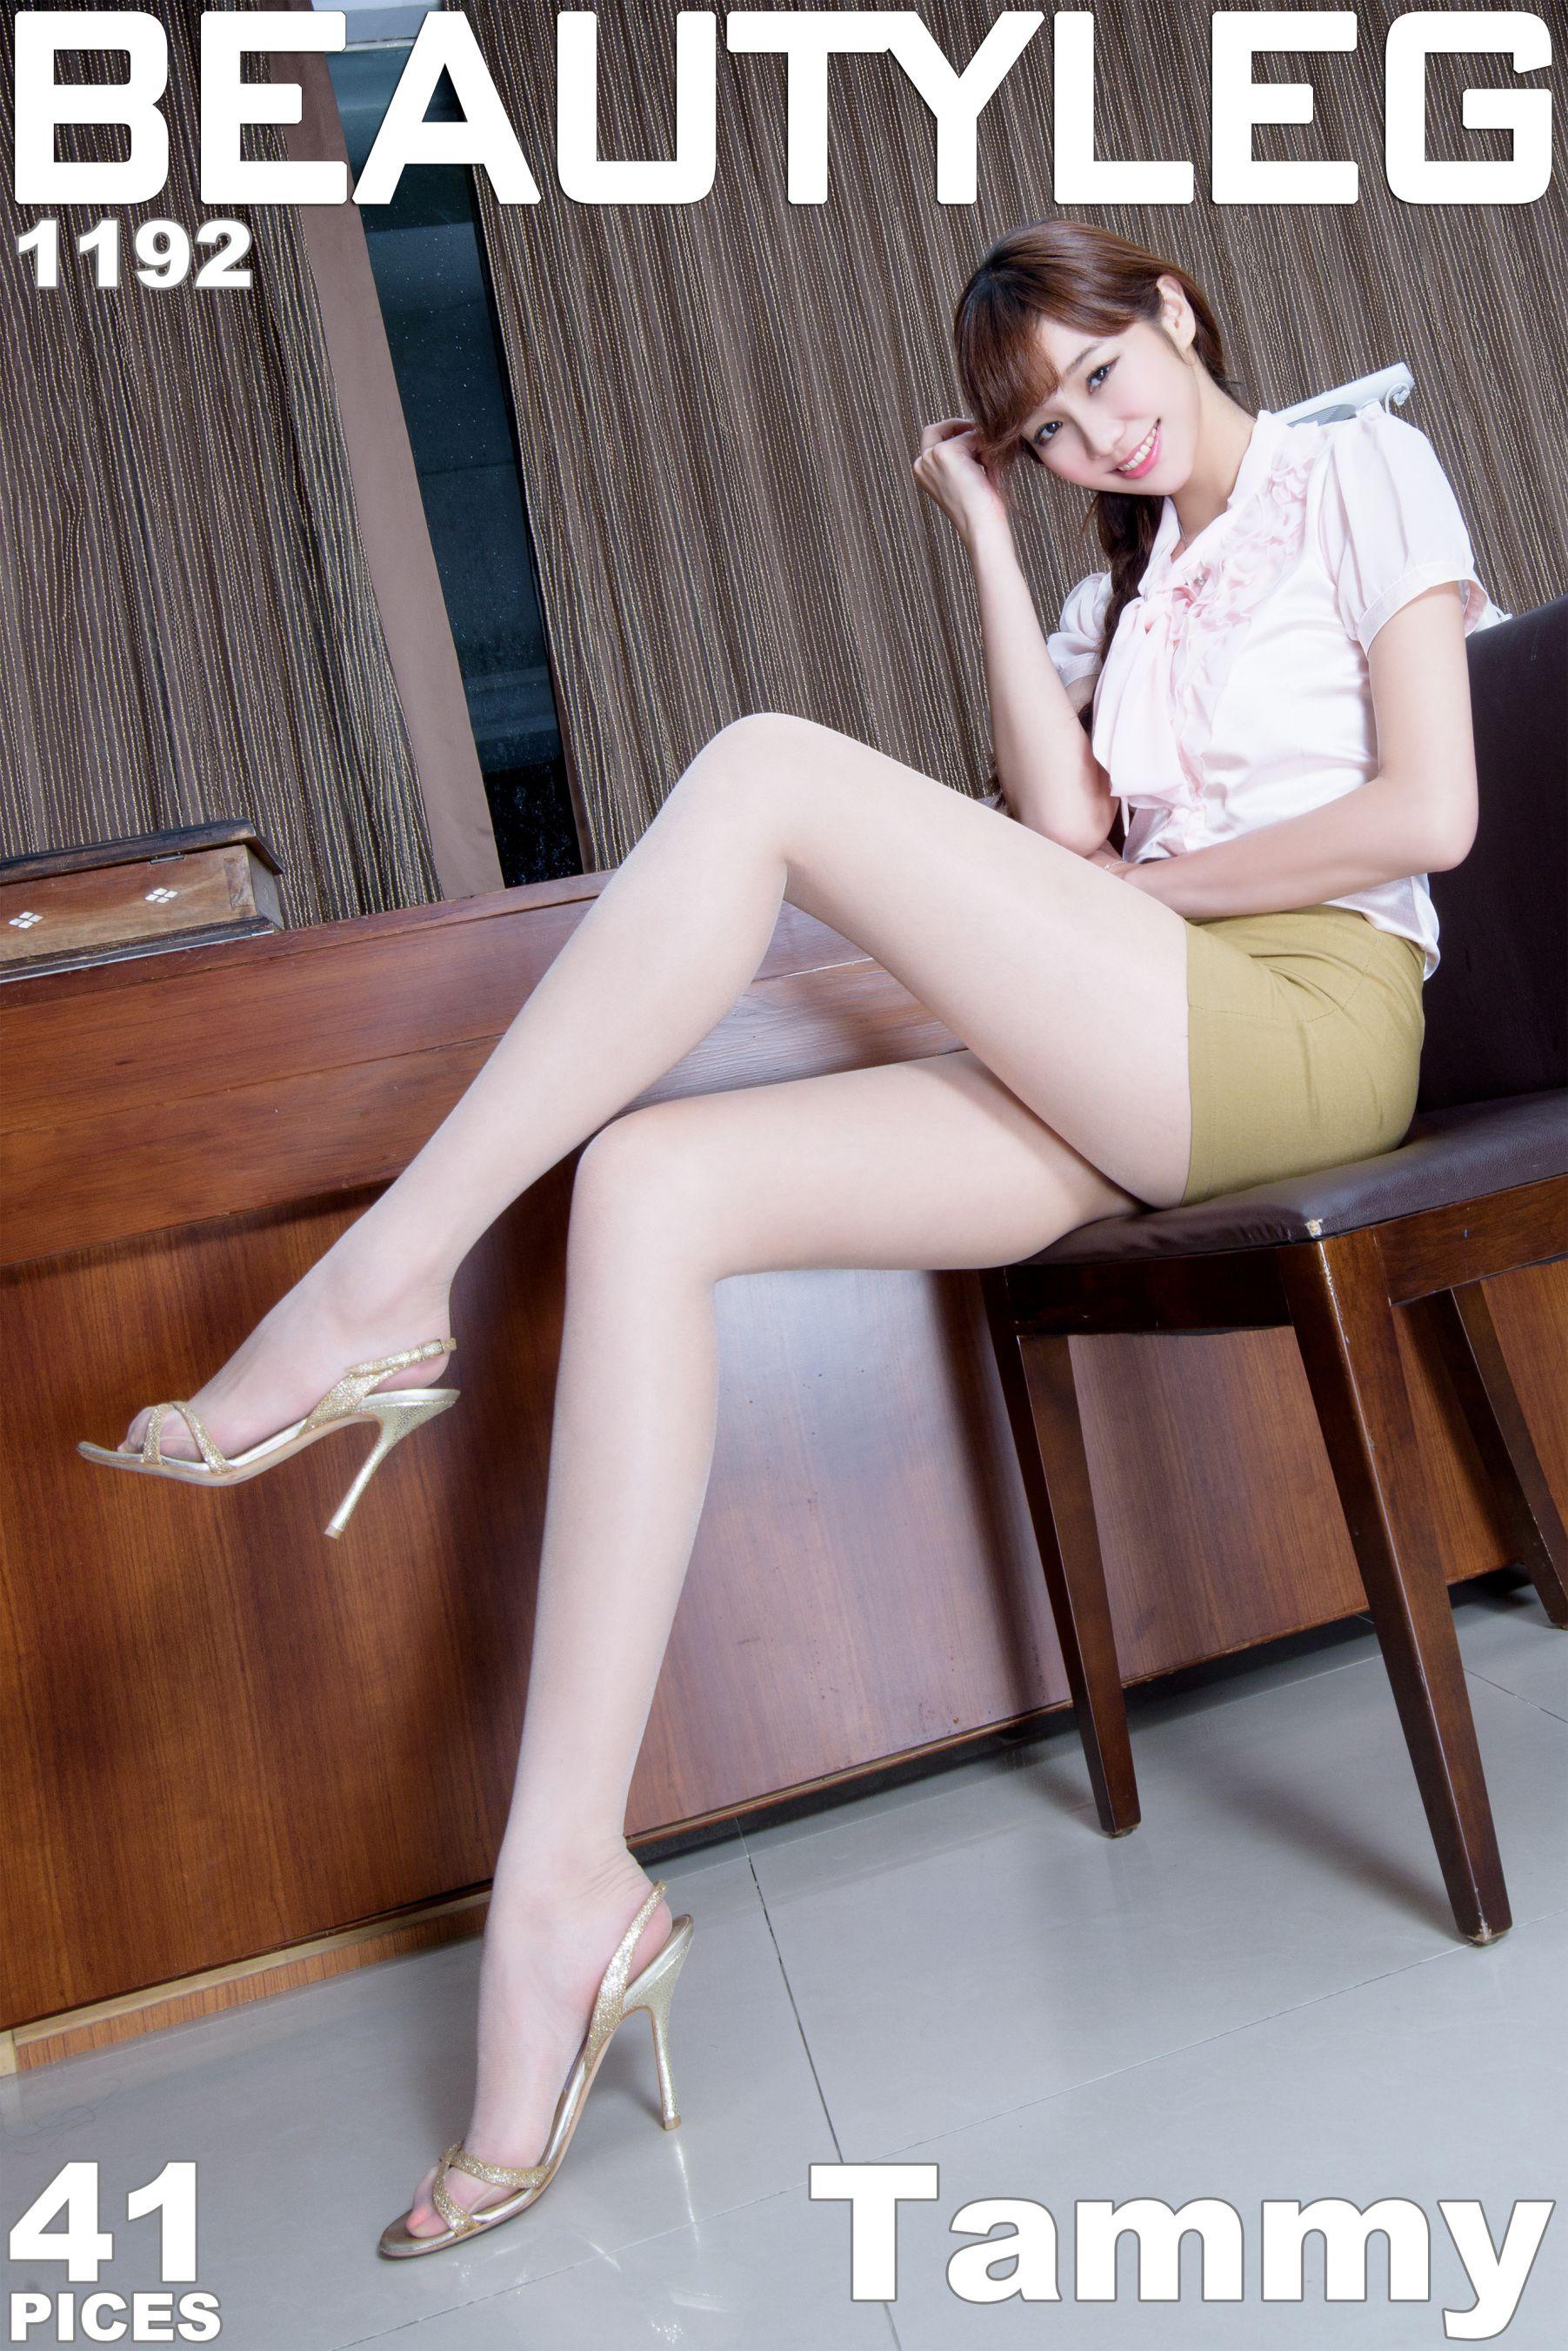 VOL.238 [Beautyleg]美腿:陈蕴予(腿模Tammy,小予儿)高品质写真套图(36P)